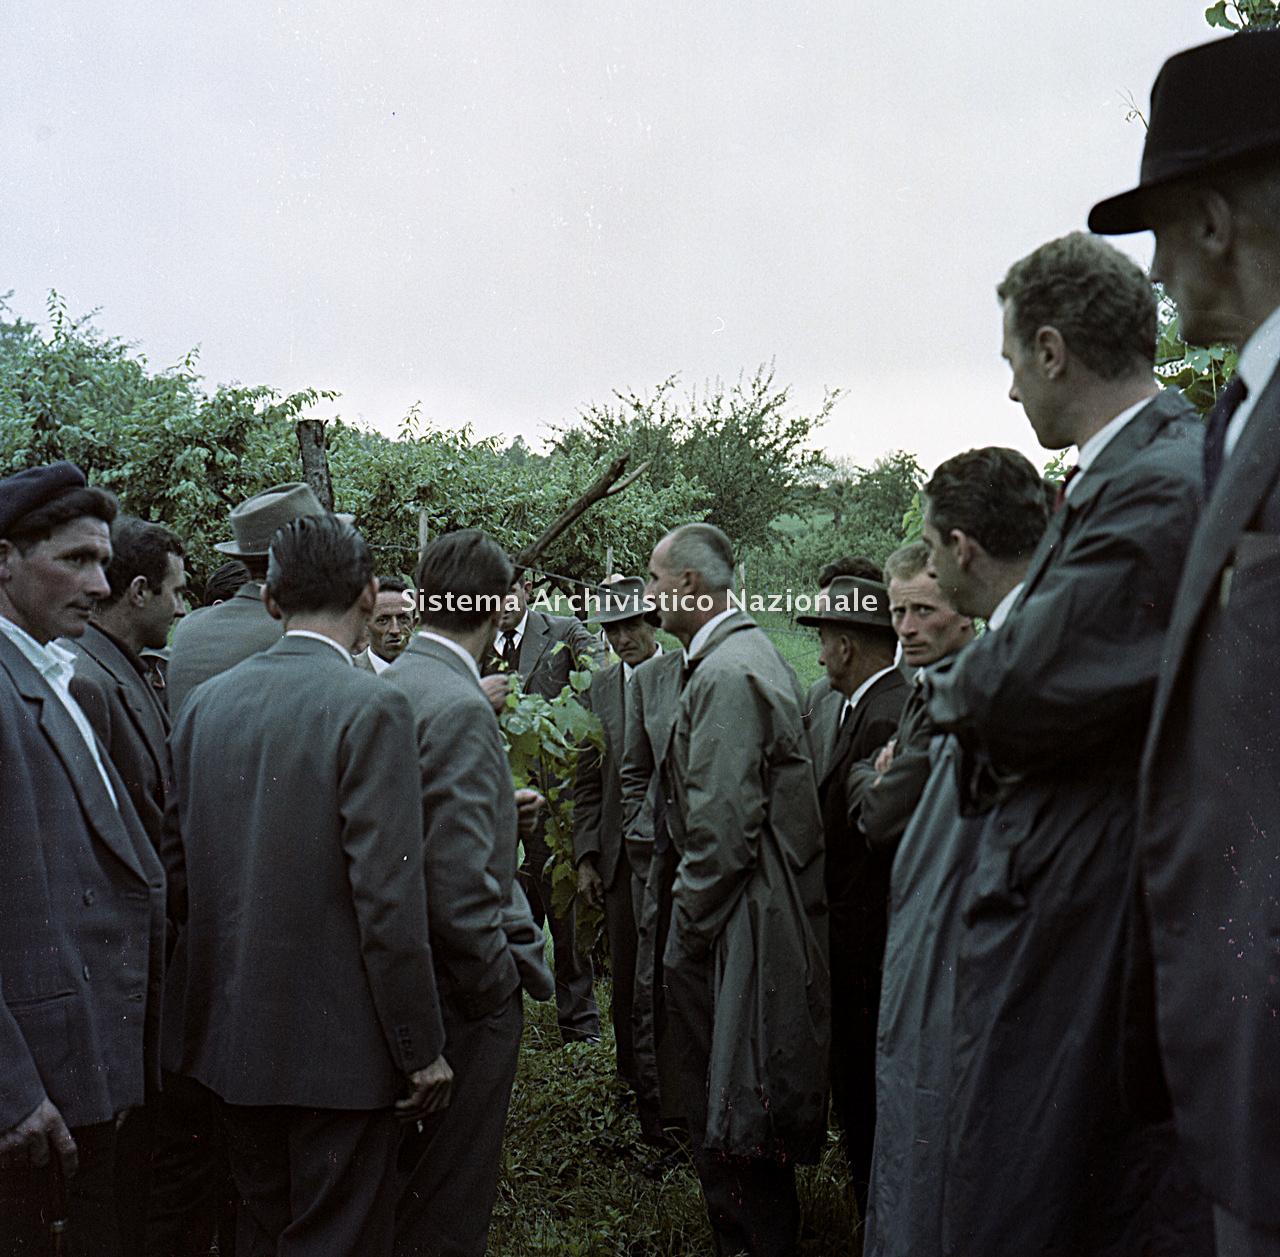 Archivio di Stato di Bergamo, Ispettorato provinciale dell'alimentazione, Ispettorato provinciale dell'agricoltura, Schedario fotografico dell'ex Servizio provinciale Foreste e Alimentazione (1961/1983),4.2: Agricoltura - viticoltura, ---, 2_4.2-015